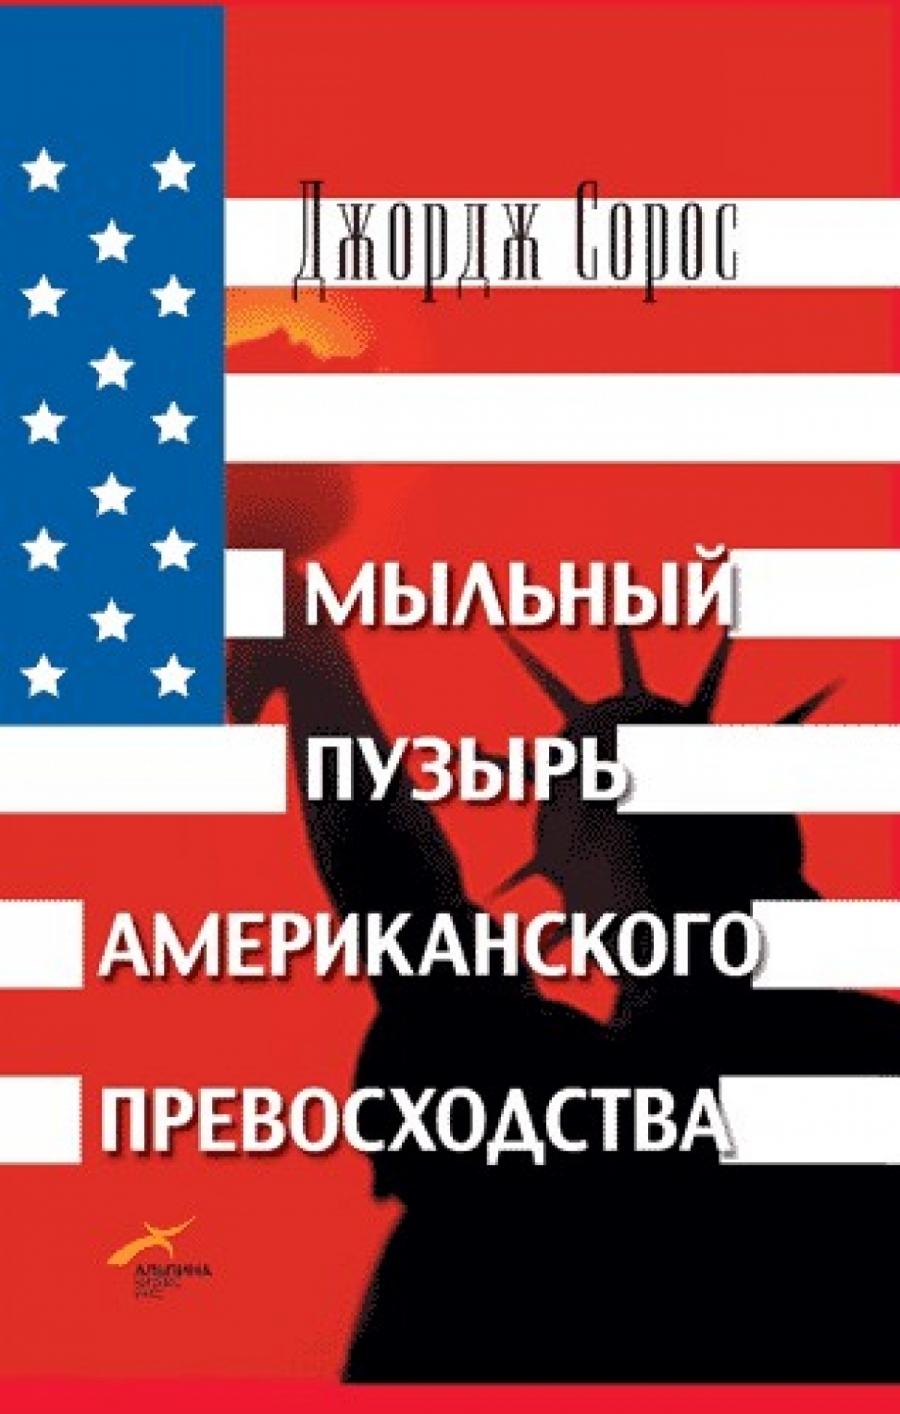 Обложка книги:  дж. сорос - мыльный пузырь американского превосходства